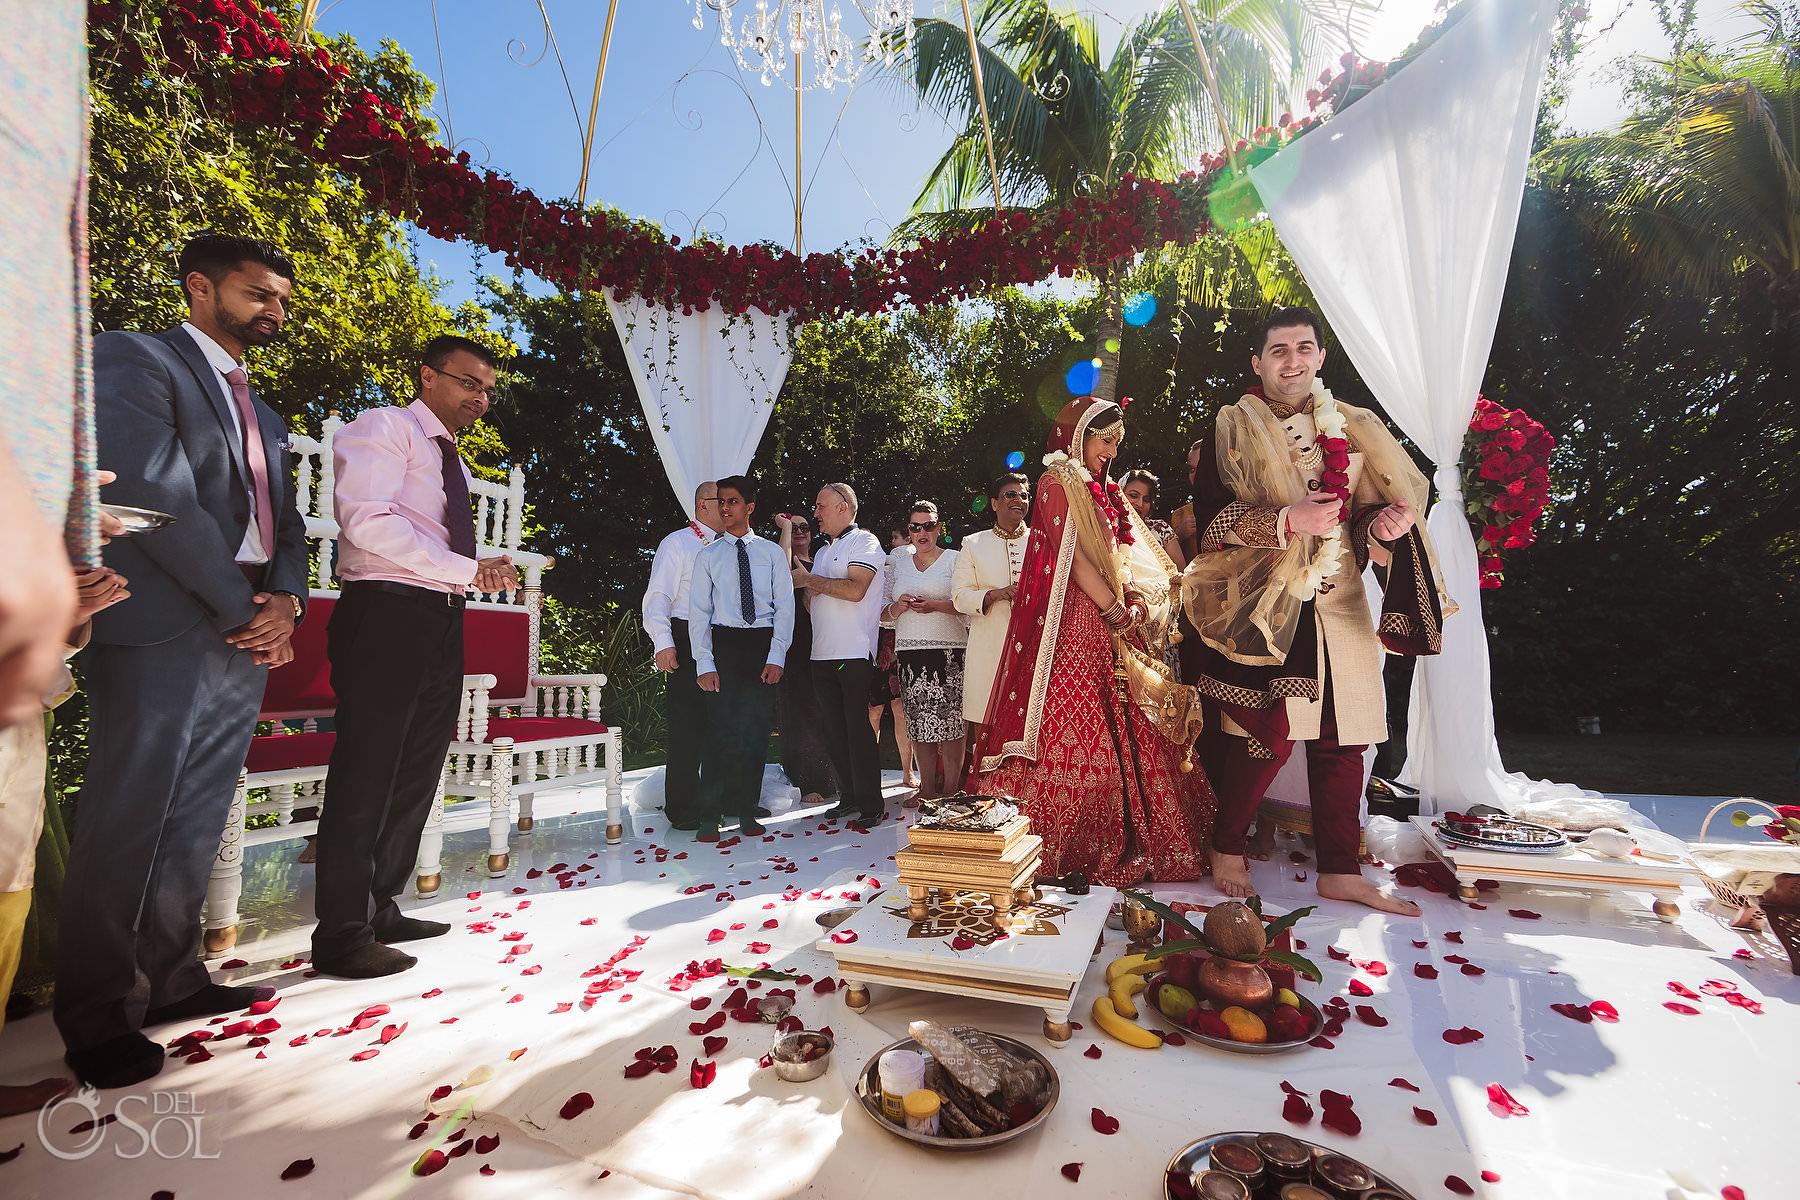 Indian Wedding dreams Garden Dreams Tulum Riviera Maya Mexico